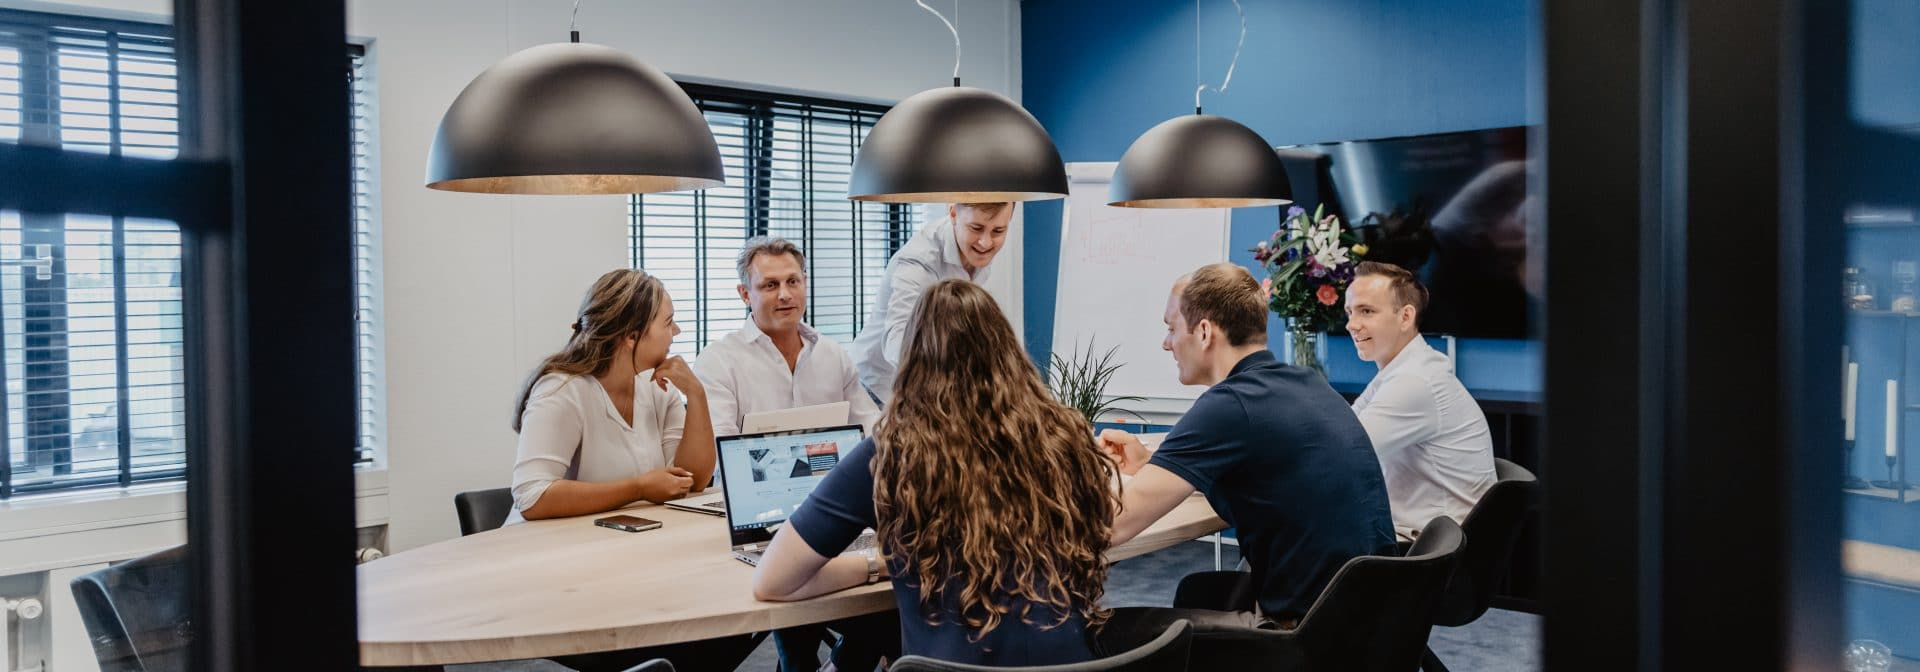 Het freelancefactoring team in het kantoor samen